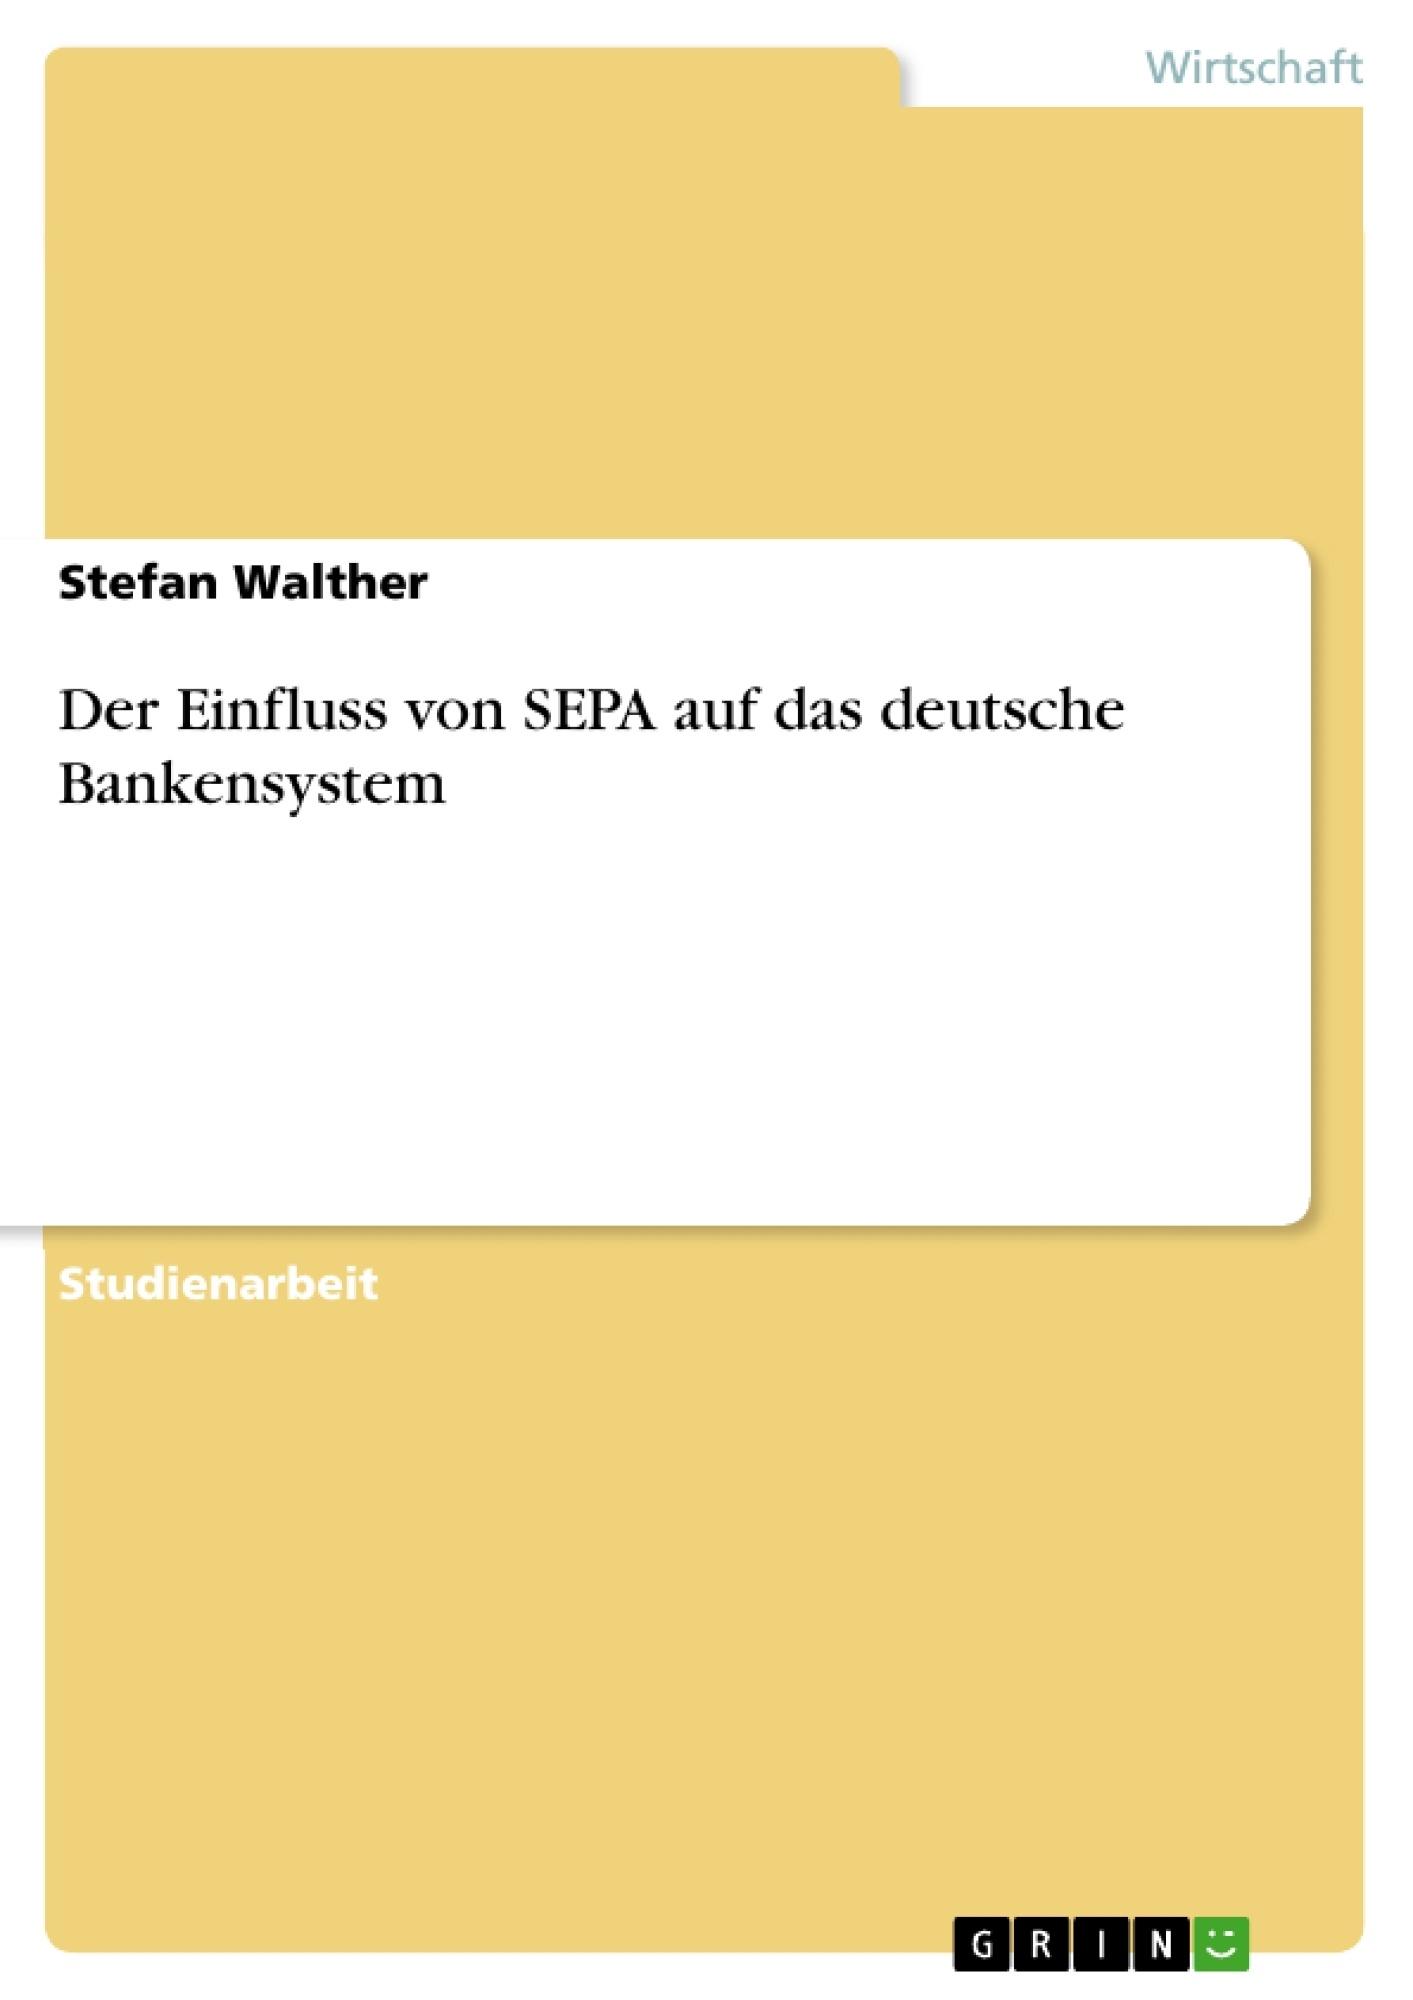 Titel: Der Einfluss von SEPA auf das deutsche Bankensystem